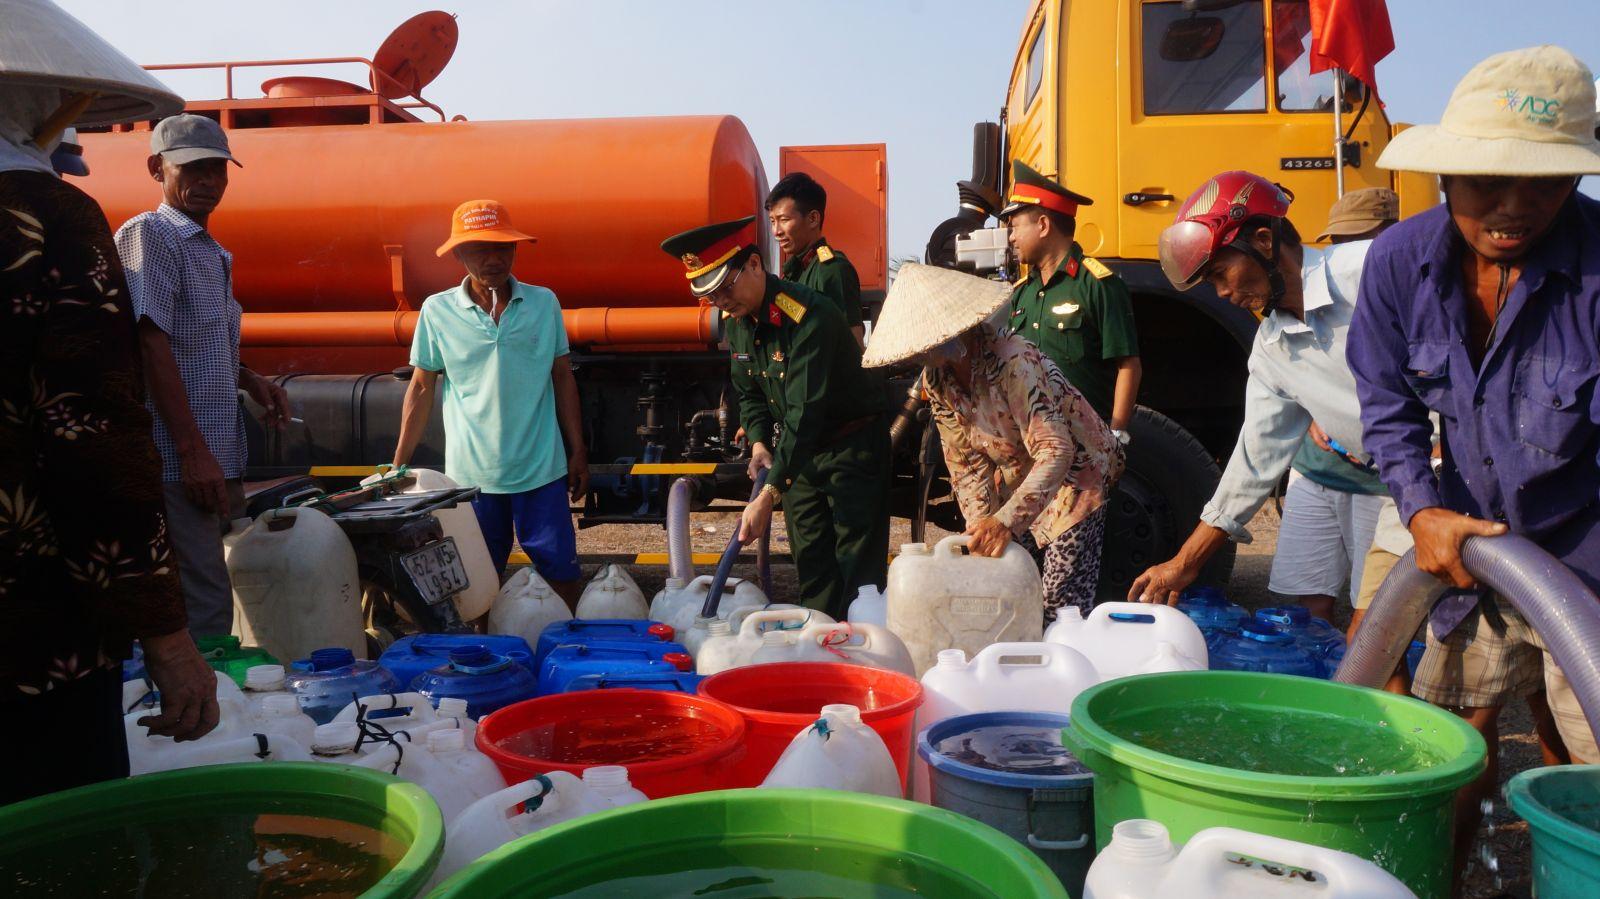 Trong mùa hạn, mặn 2020, bộ đội đã chở nước sạch cấp miễn phí cho hàng ngàn hộ dân ở huyện  Cần Giuộc, Tân Trụ